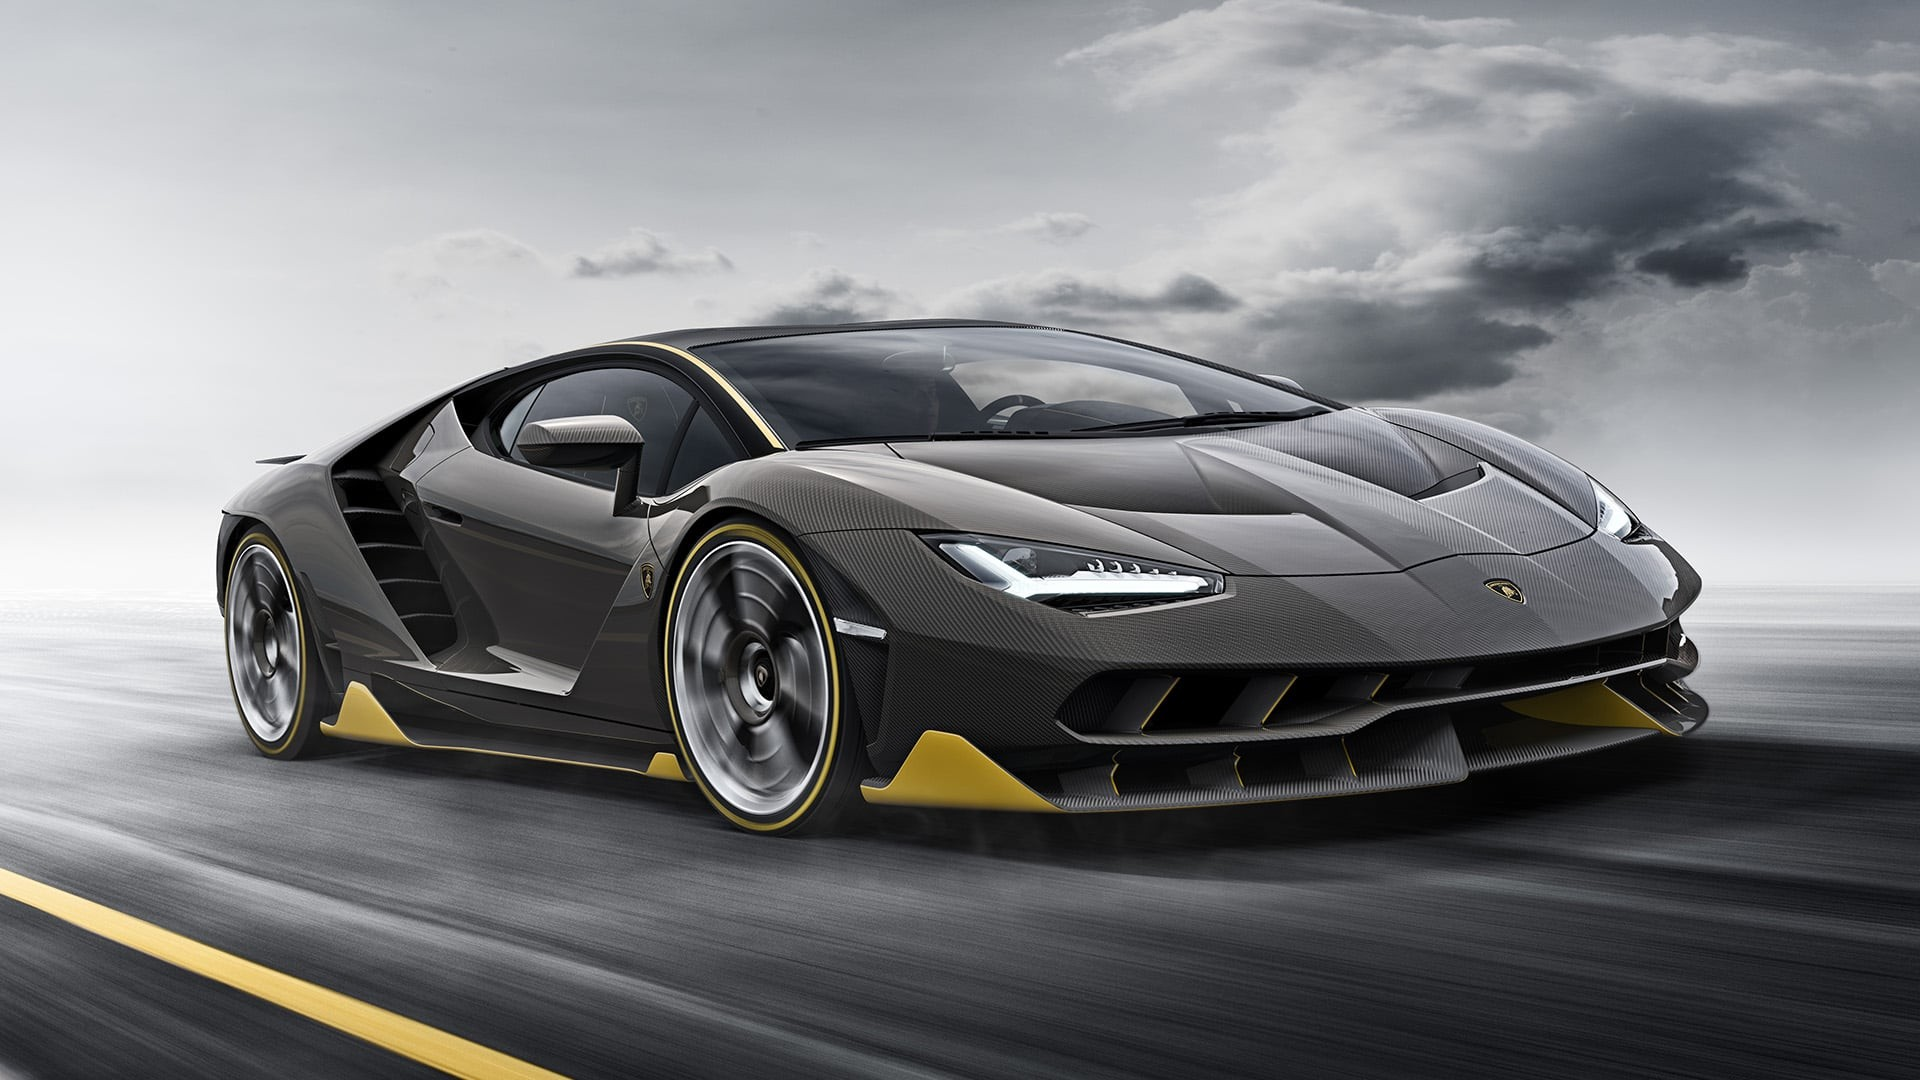 Фермер изАзии сделал копию Lamborghini смотоциклетным мотором